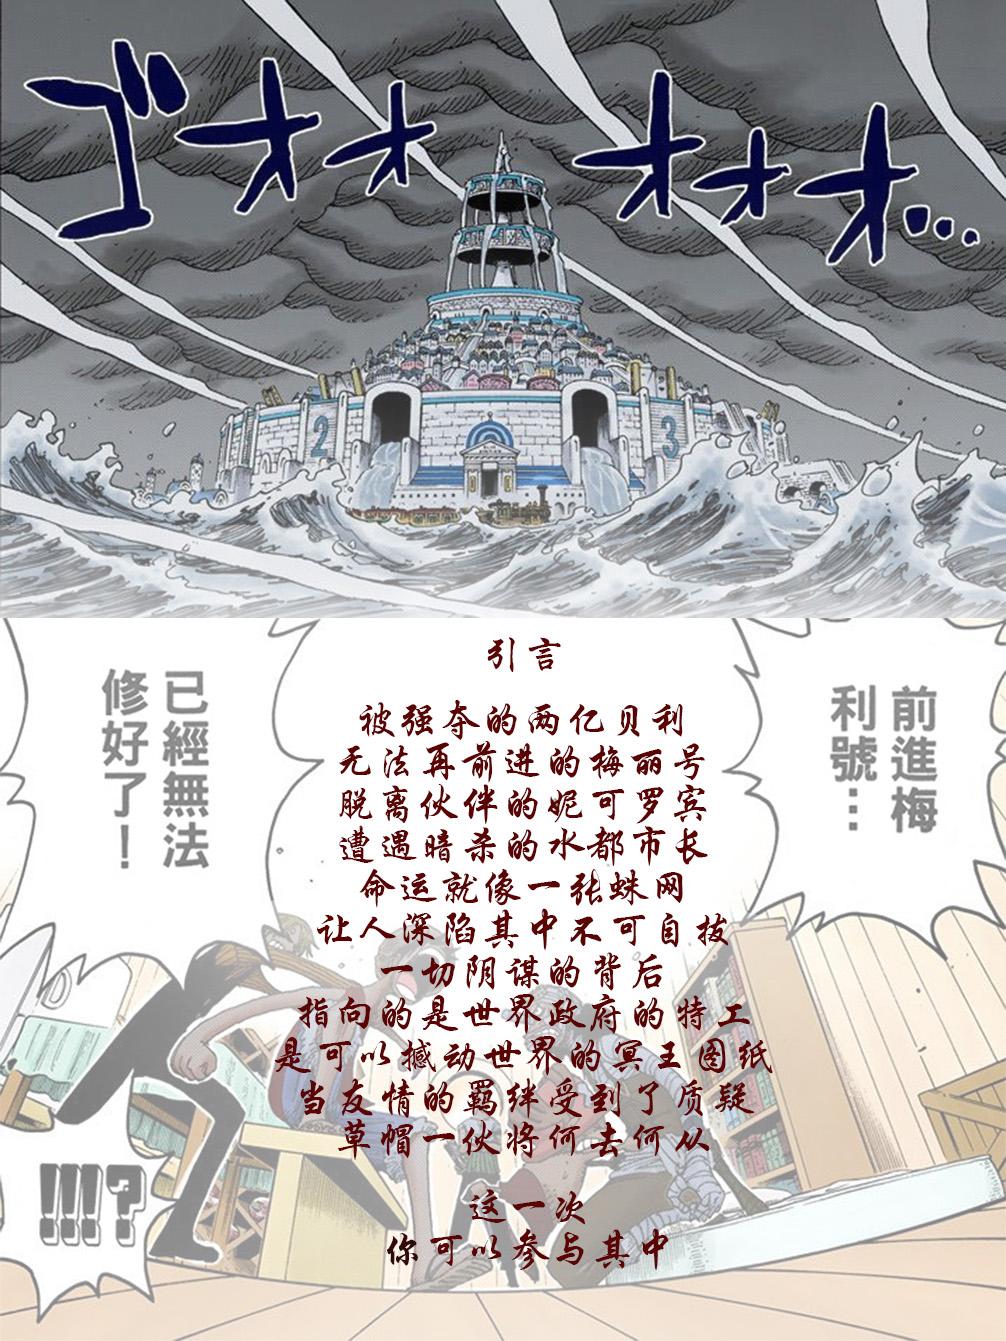 七水引言图.jpg